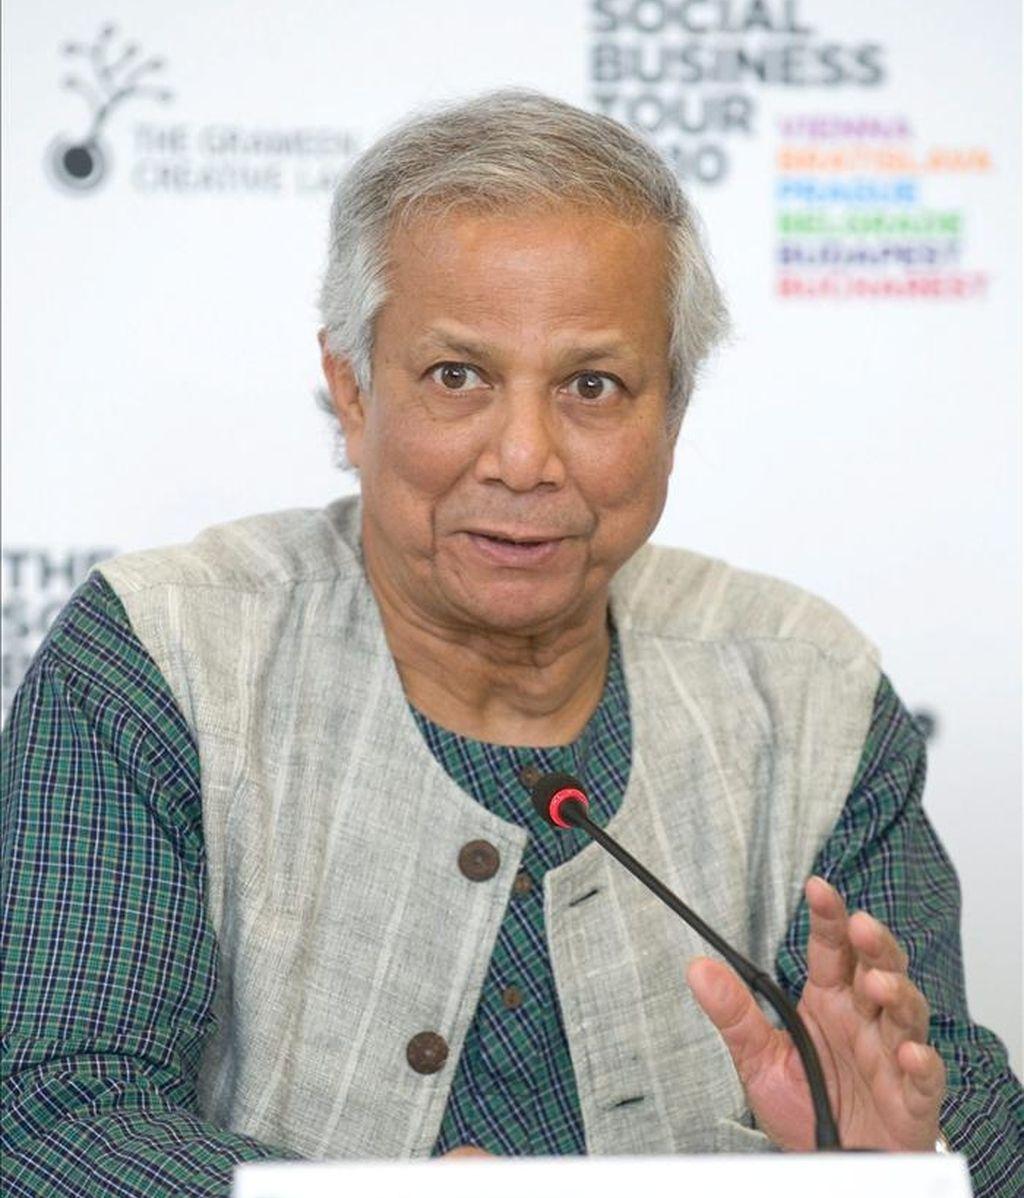 Mohamed Yunus, ganador del Premio Nobel de la Paz, profesor de economía en Bangladesh y fundador del Banco Grameen. EFE/Archivo